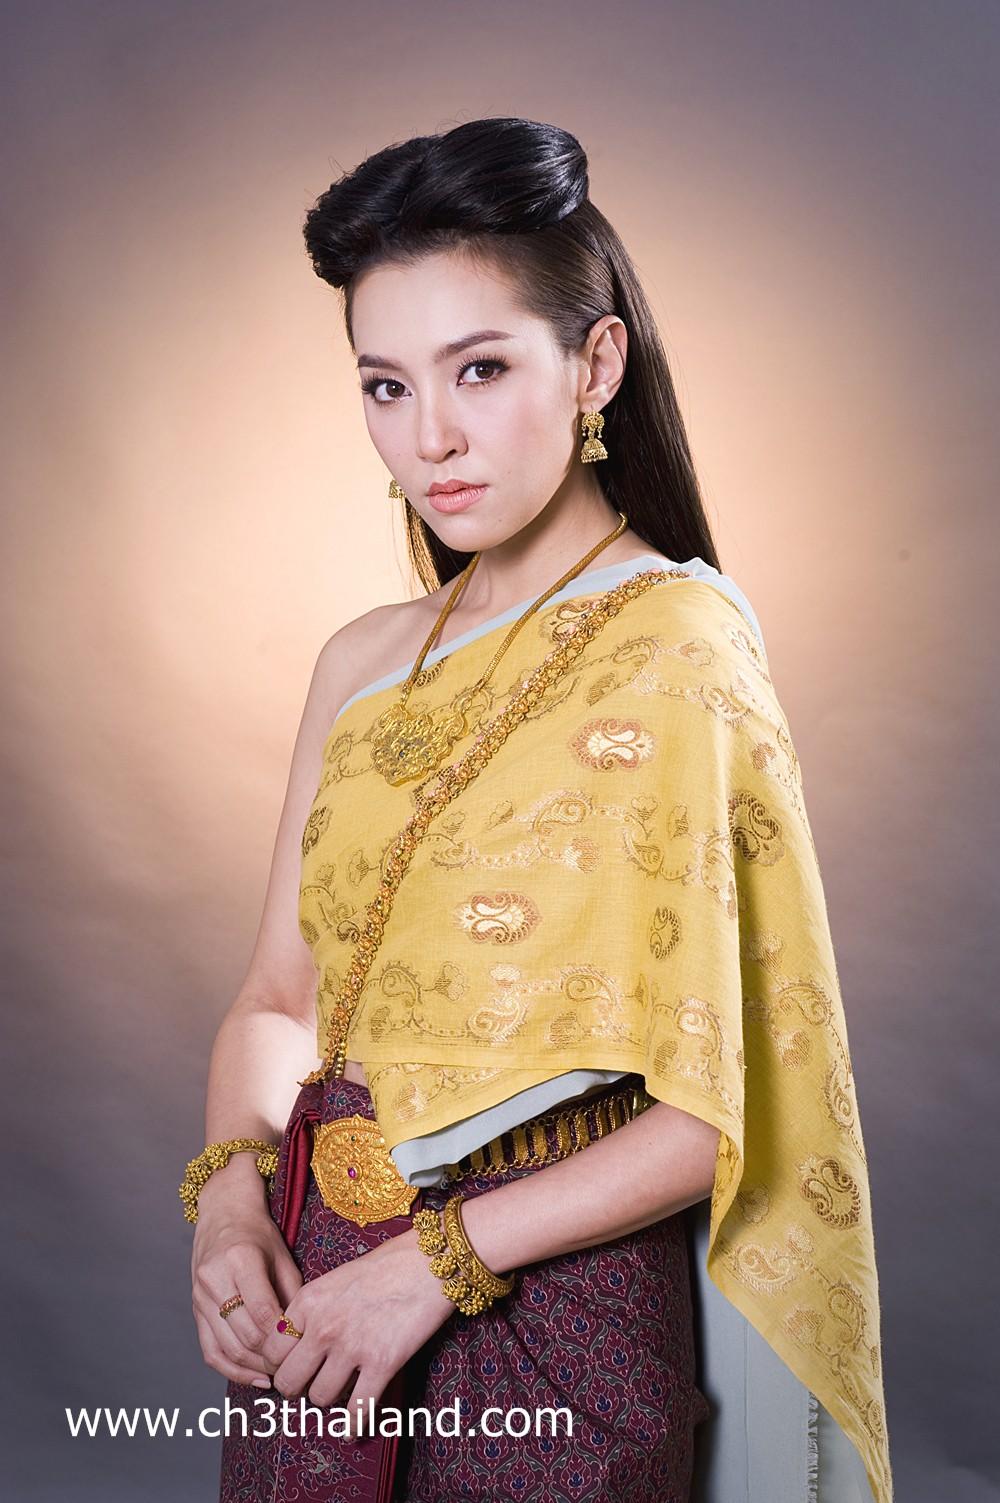 Công thức nhào nặn nên cơn sốt phim Thái Nhân Duyên Tiền Định - Ảnh 2.